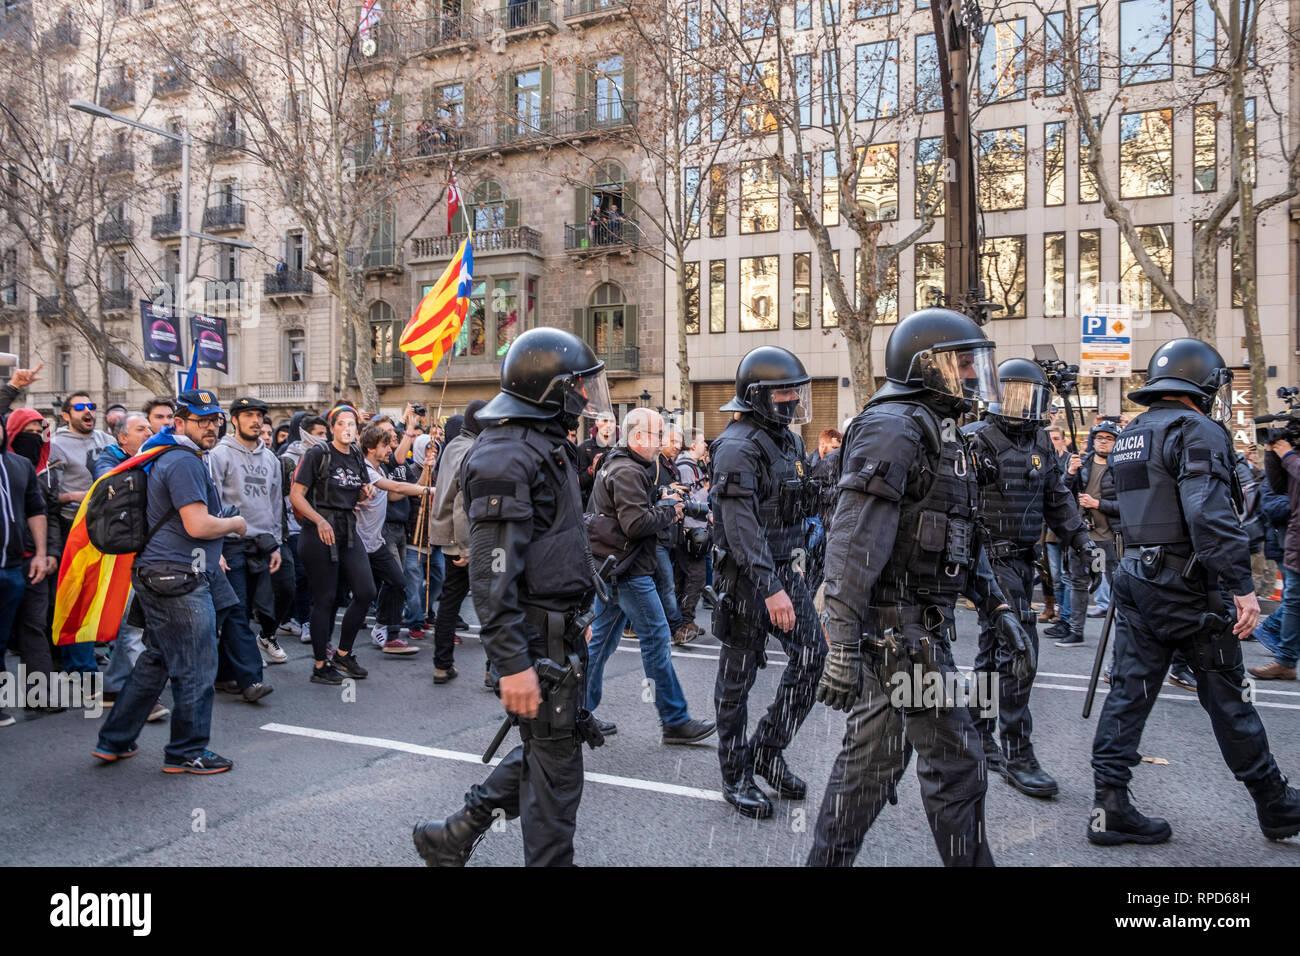 Agent de la police de la Mossos d'Escuadra sont vus en retraite après avoir fait plusieurs charges contre les manifestants pendant la grève. Une grève générale en Catalogne pour exiger des droits, de la liberté et de dénoncer les procès qui ont lieu dans la Cour Suprême de Justice de Madrid. Organisée par l'intersyndicale-CsC, de nombreux manifestants ont suivi la grève générale dans toute la Catalogne avec le trafic s'arrête dans les principales routes urbaines. Banque D'Images